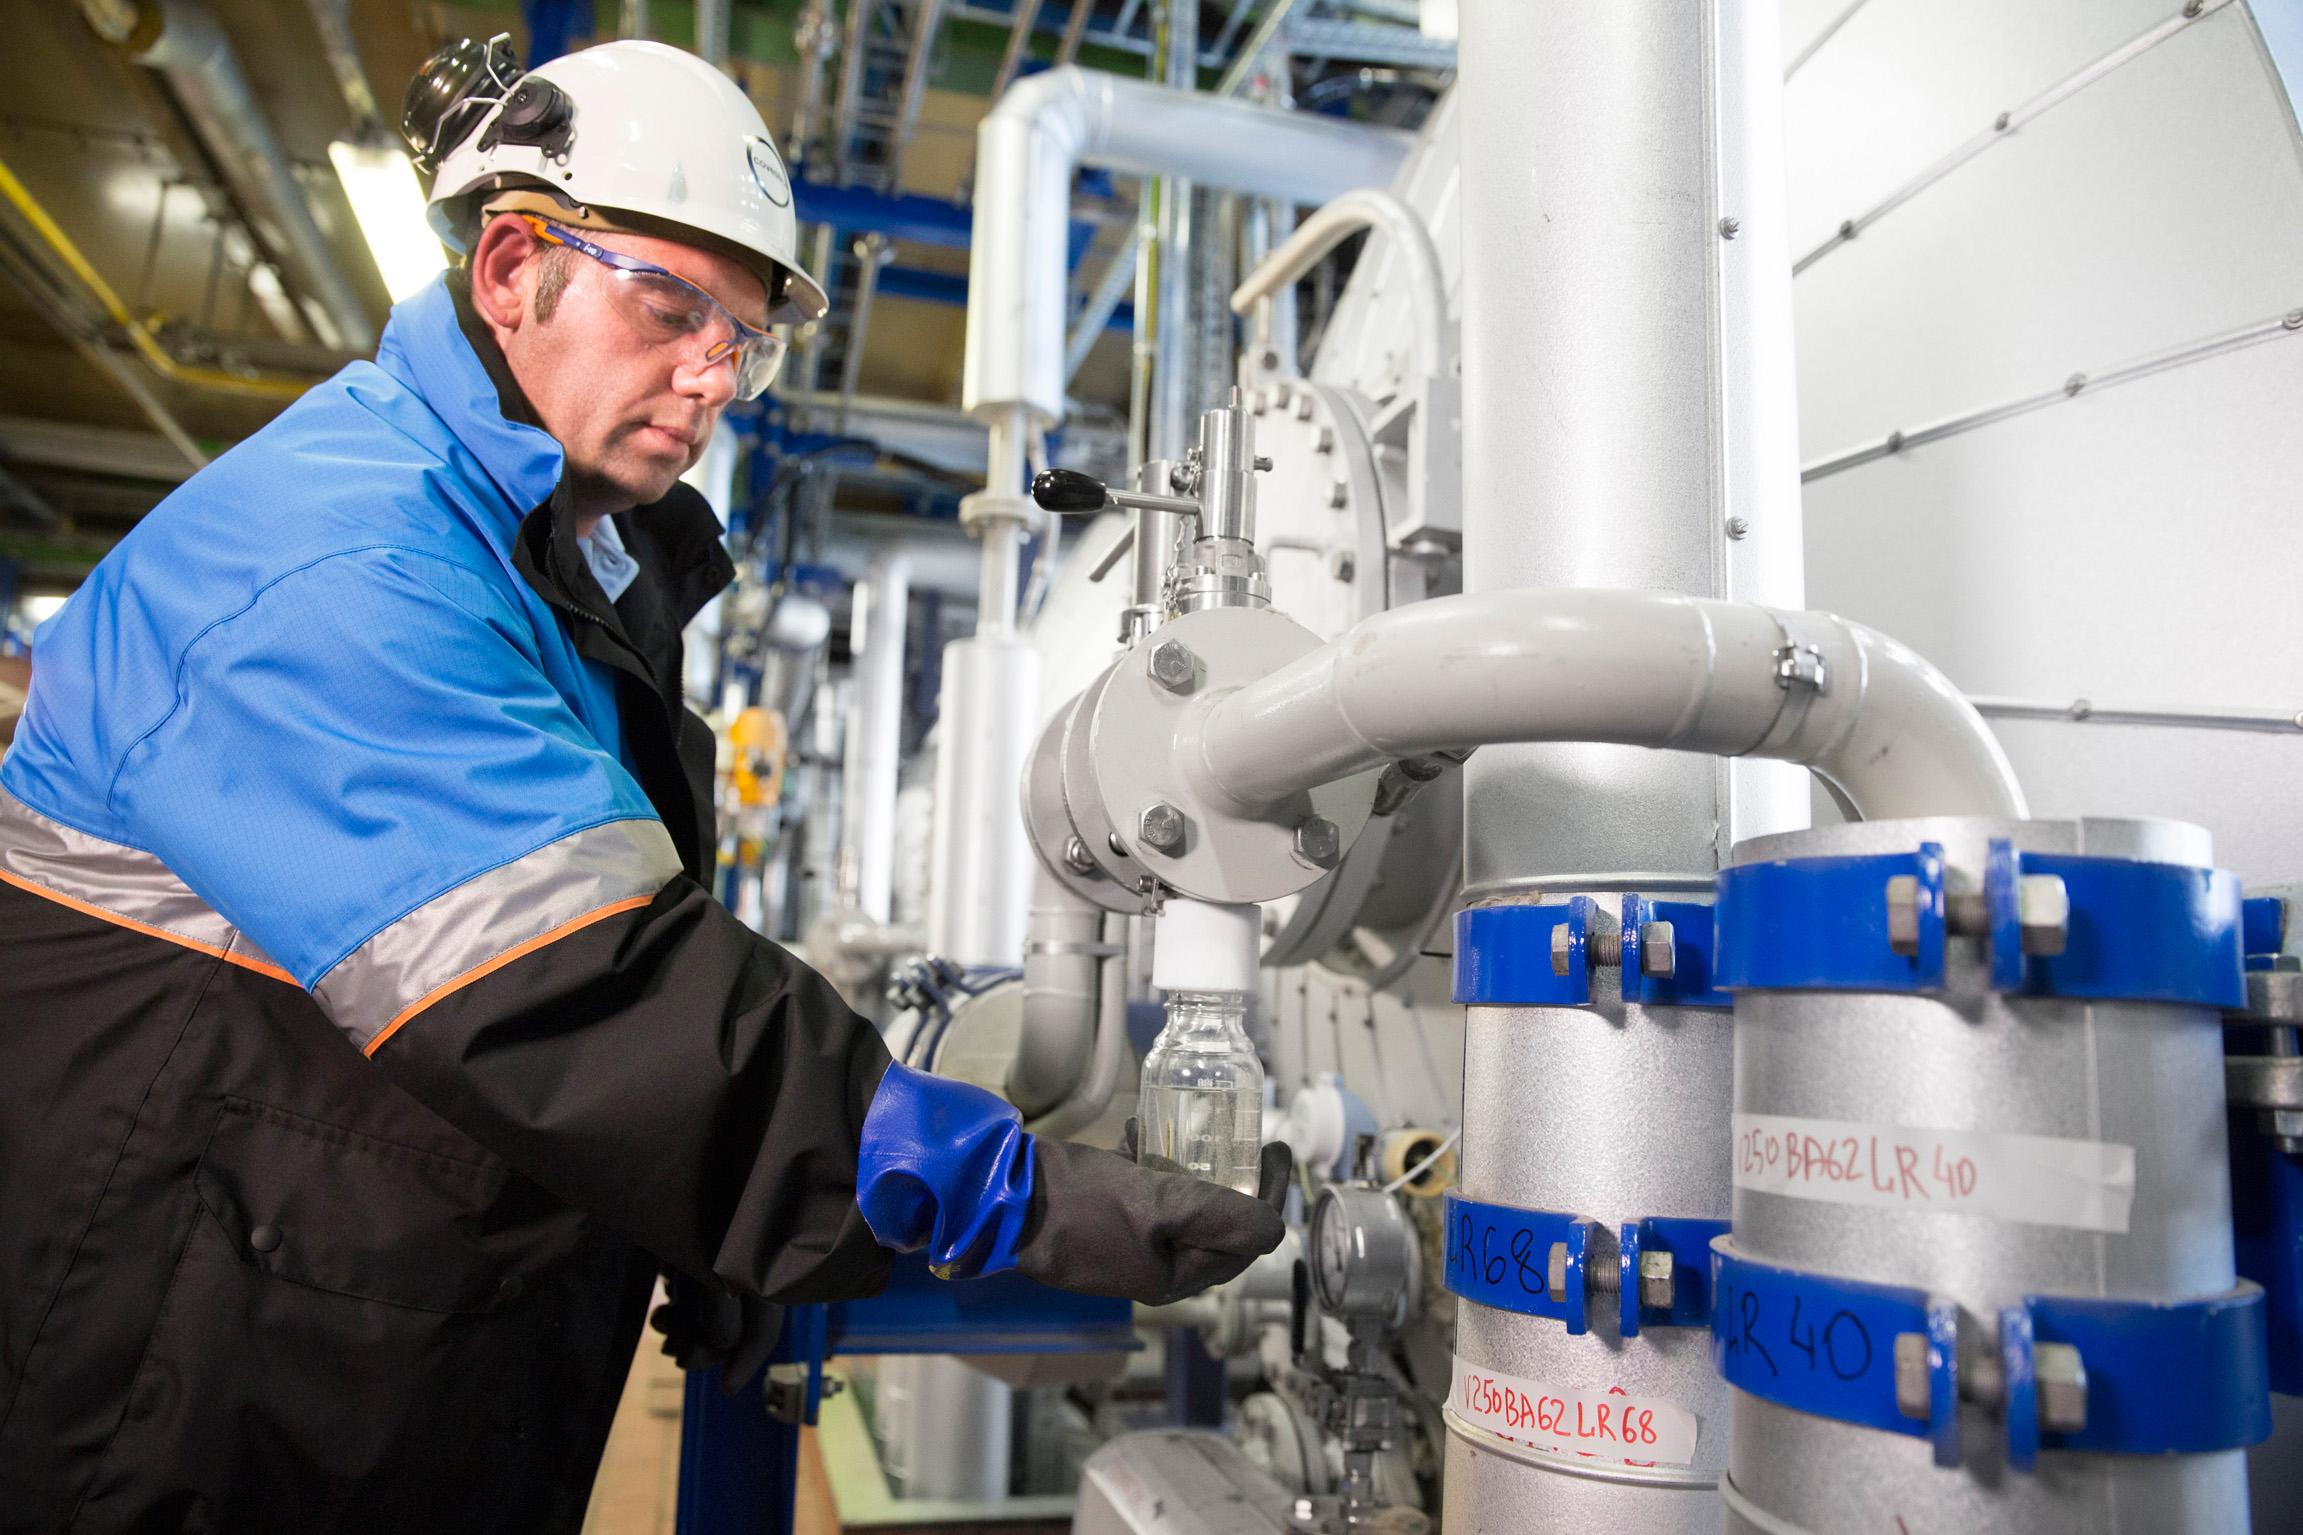 Kohlendioxid statt Erdöl: Covestro hat erstmals eine Schaumstoff-Komponente mit CO2 hergestellt. Dabei werden 20 Prozent des konventionellen erdölbasierten Rohstoffs eingespart.